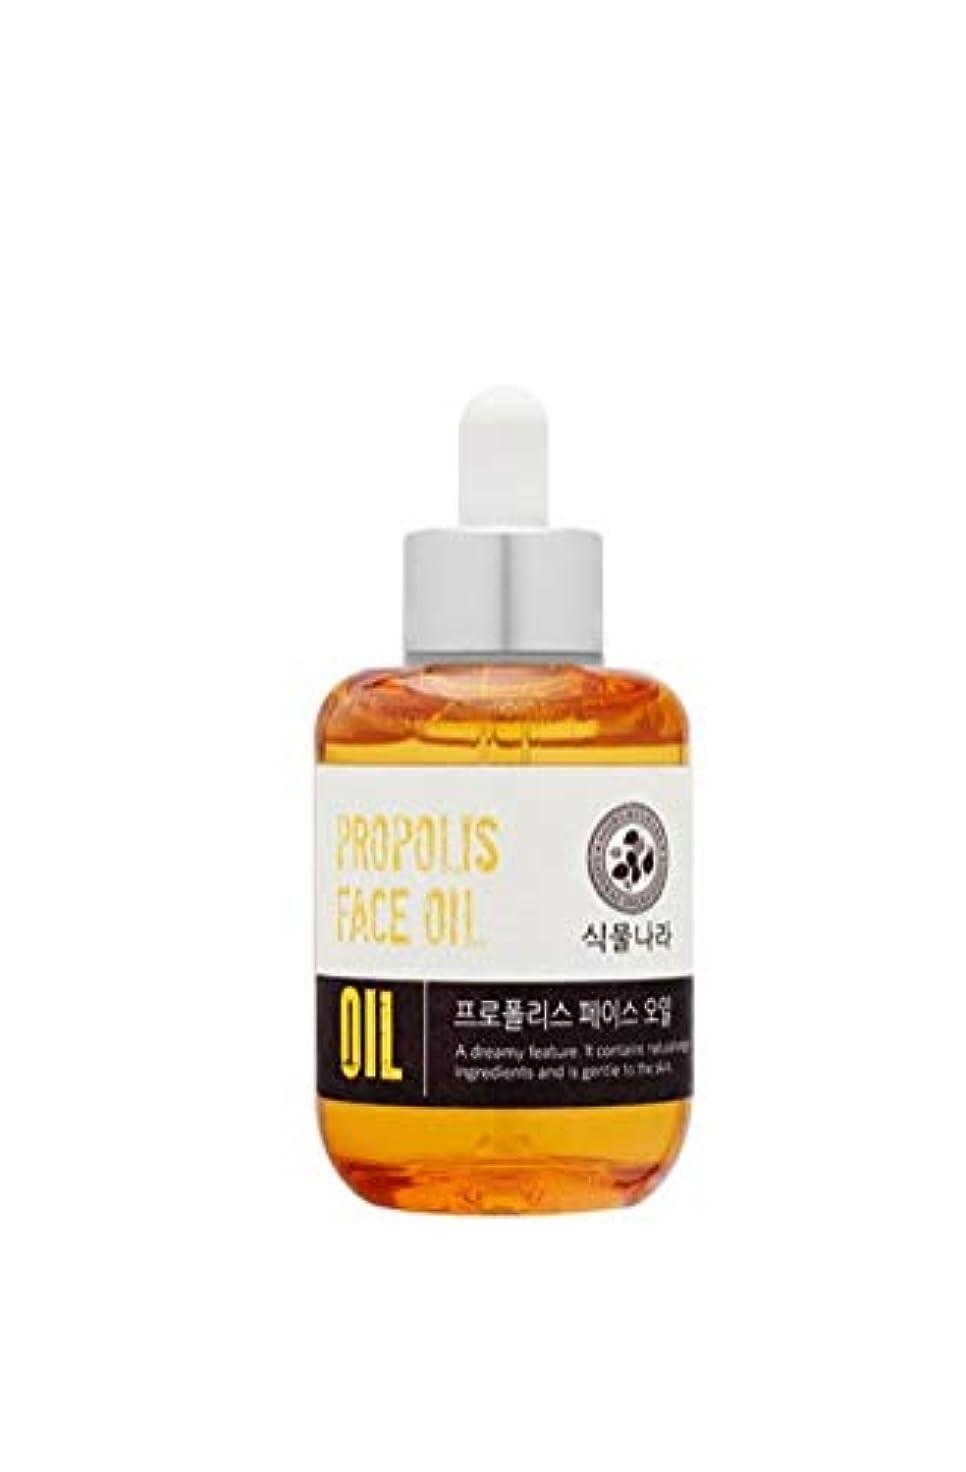 理想的ボイド活気づけるshingmulnara☆シンムルナラ プロポリス フェイス オイル55ml propolis face oil 55ml[並行輸入品]